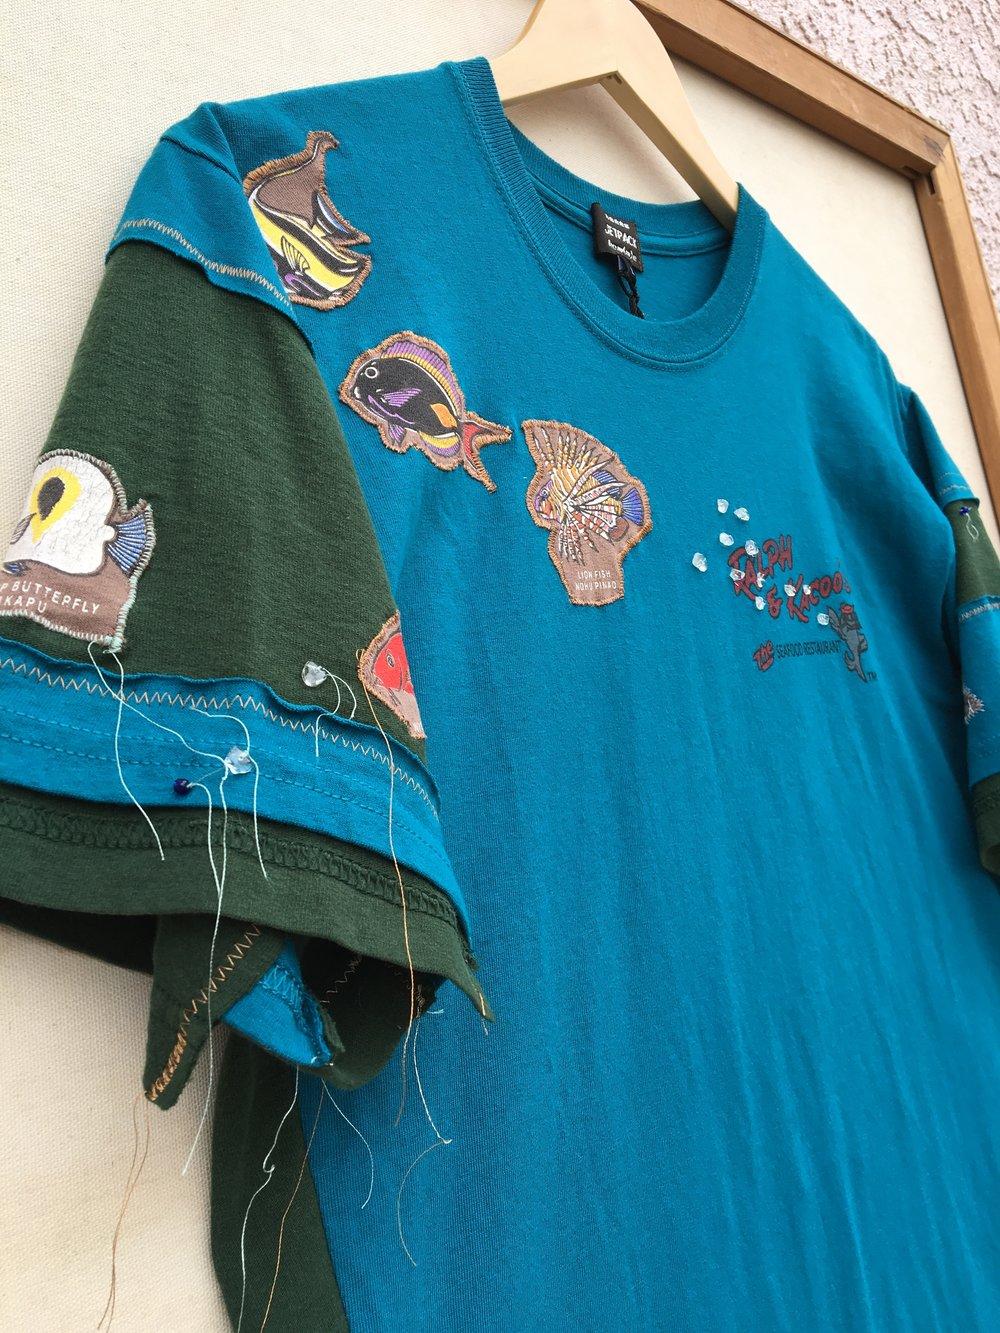 shirt 25_front detail.JPG